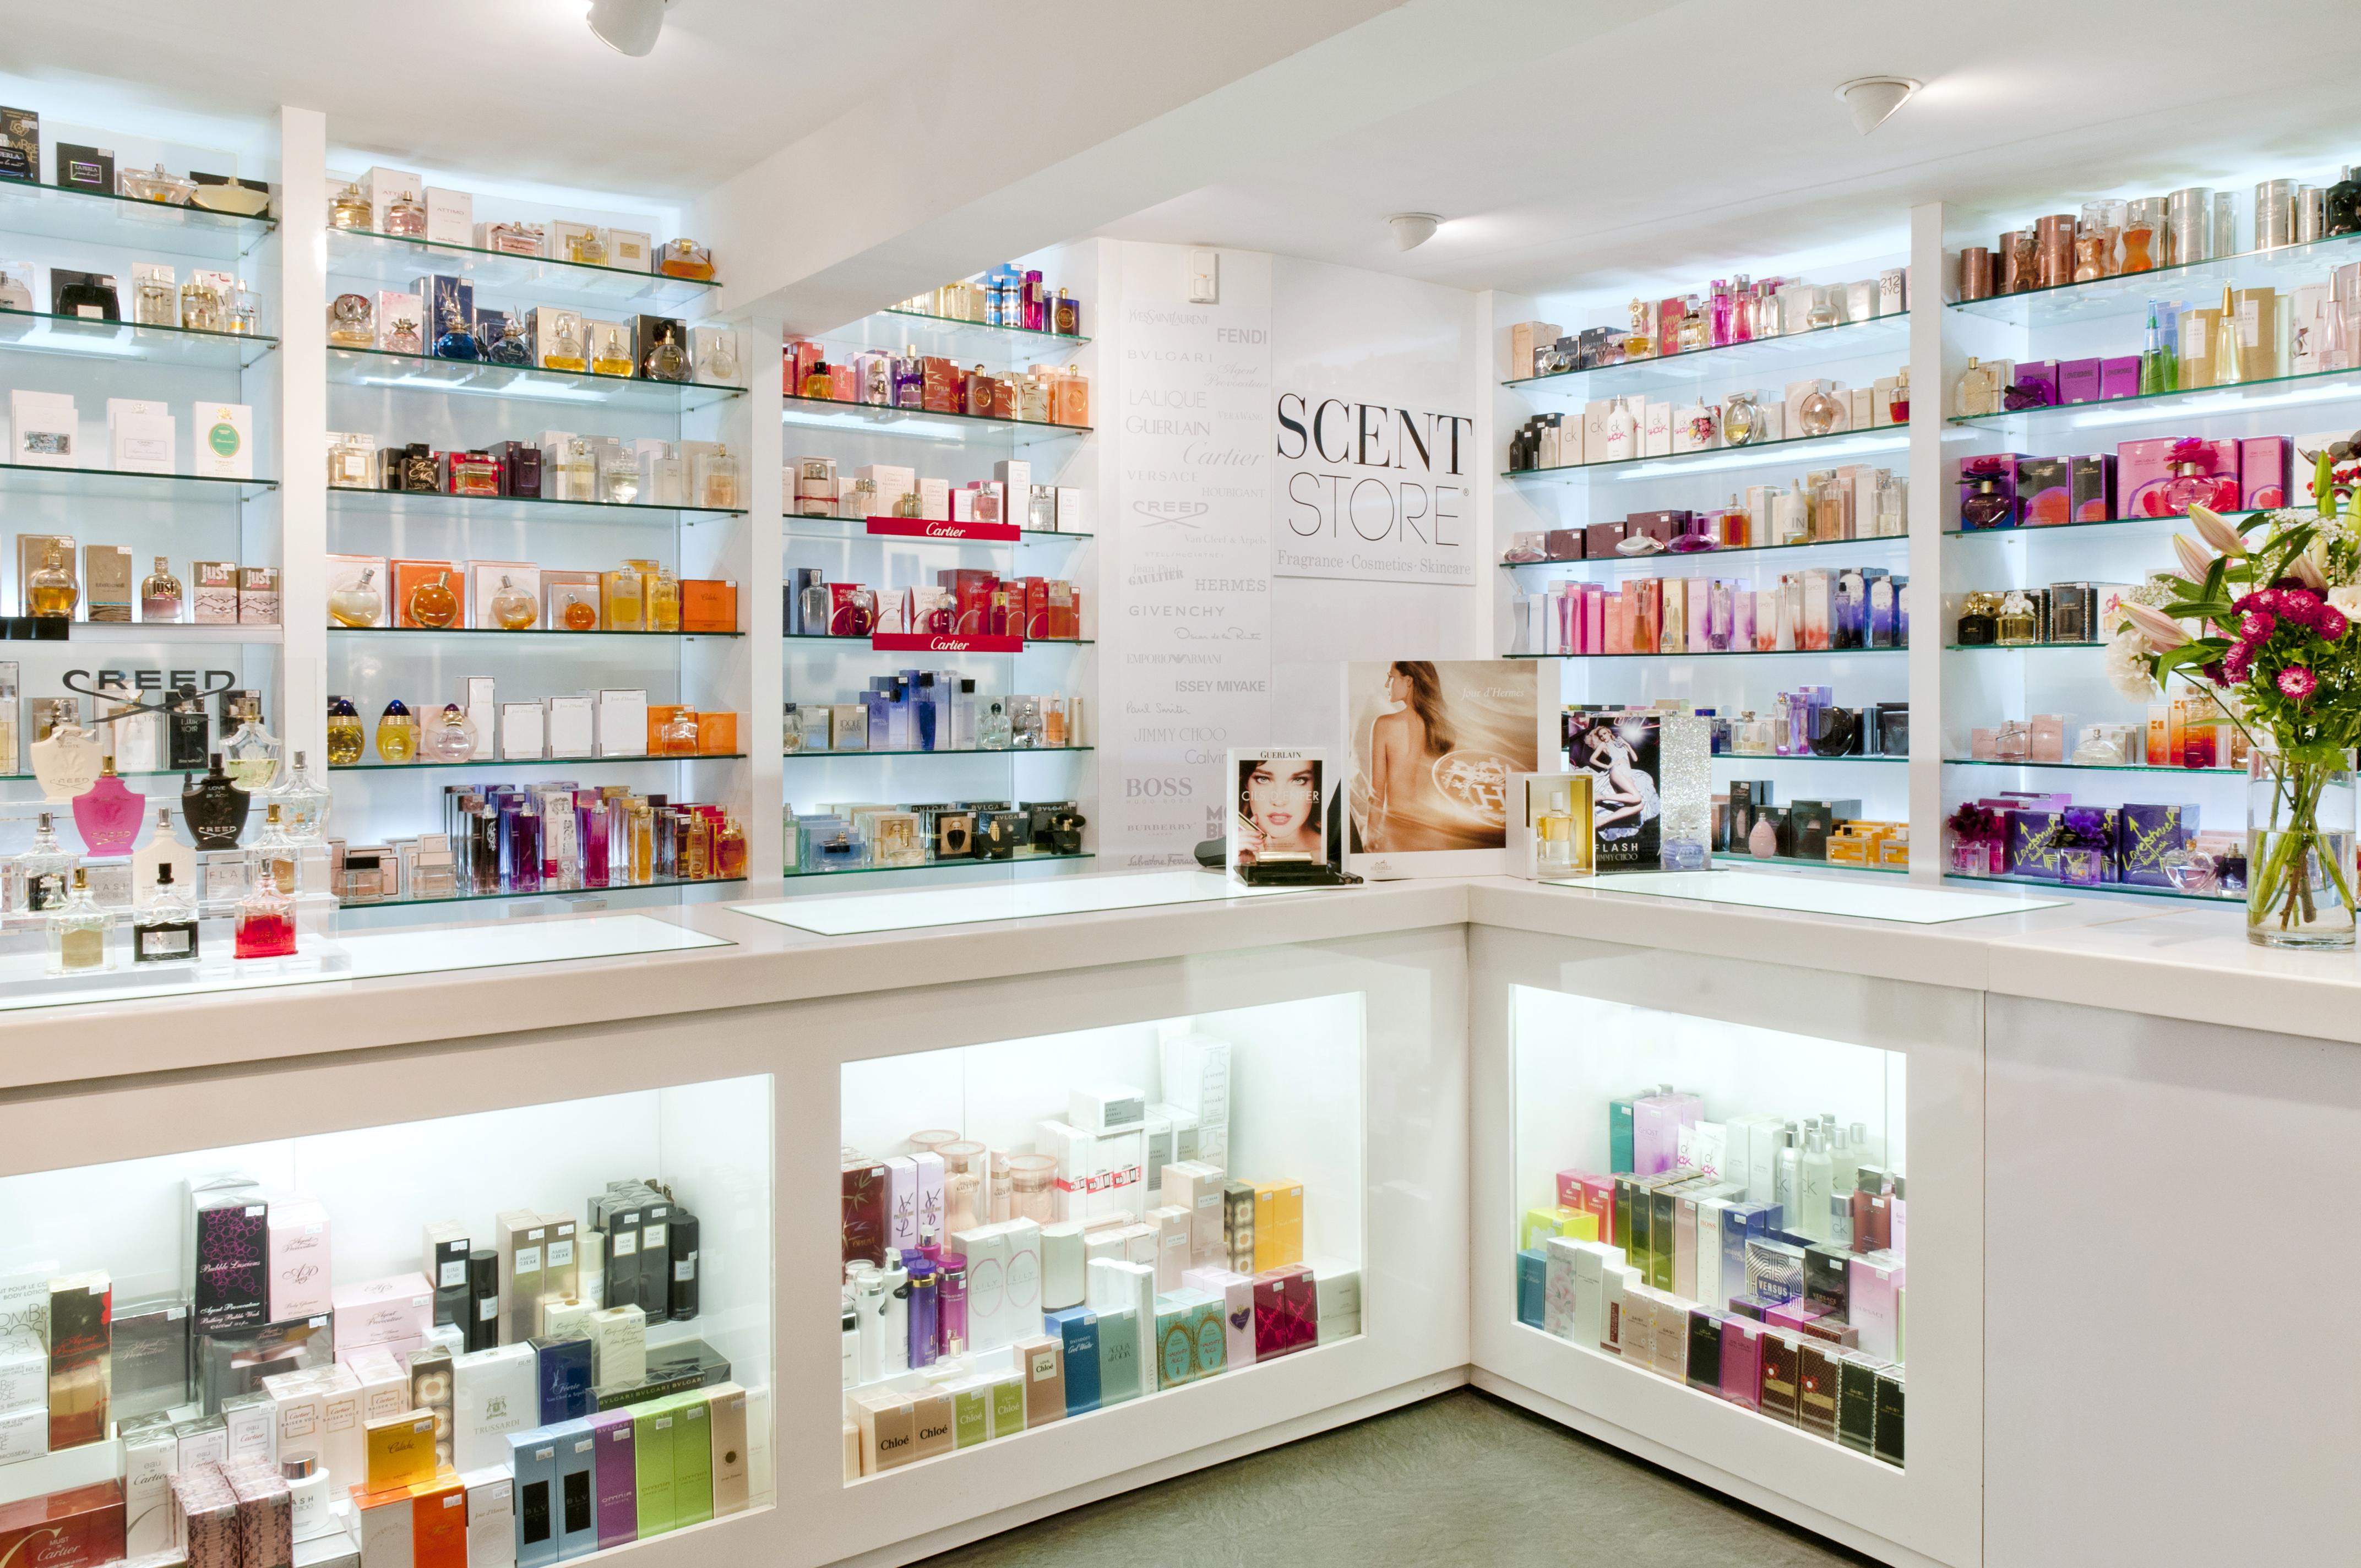 Купить оборудование для парфюмерии и косметики avon личный кабинет для представителей